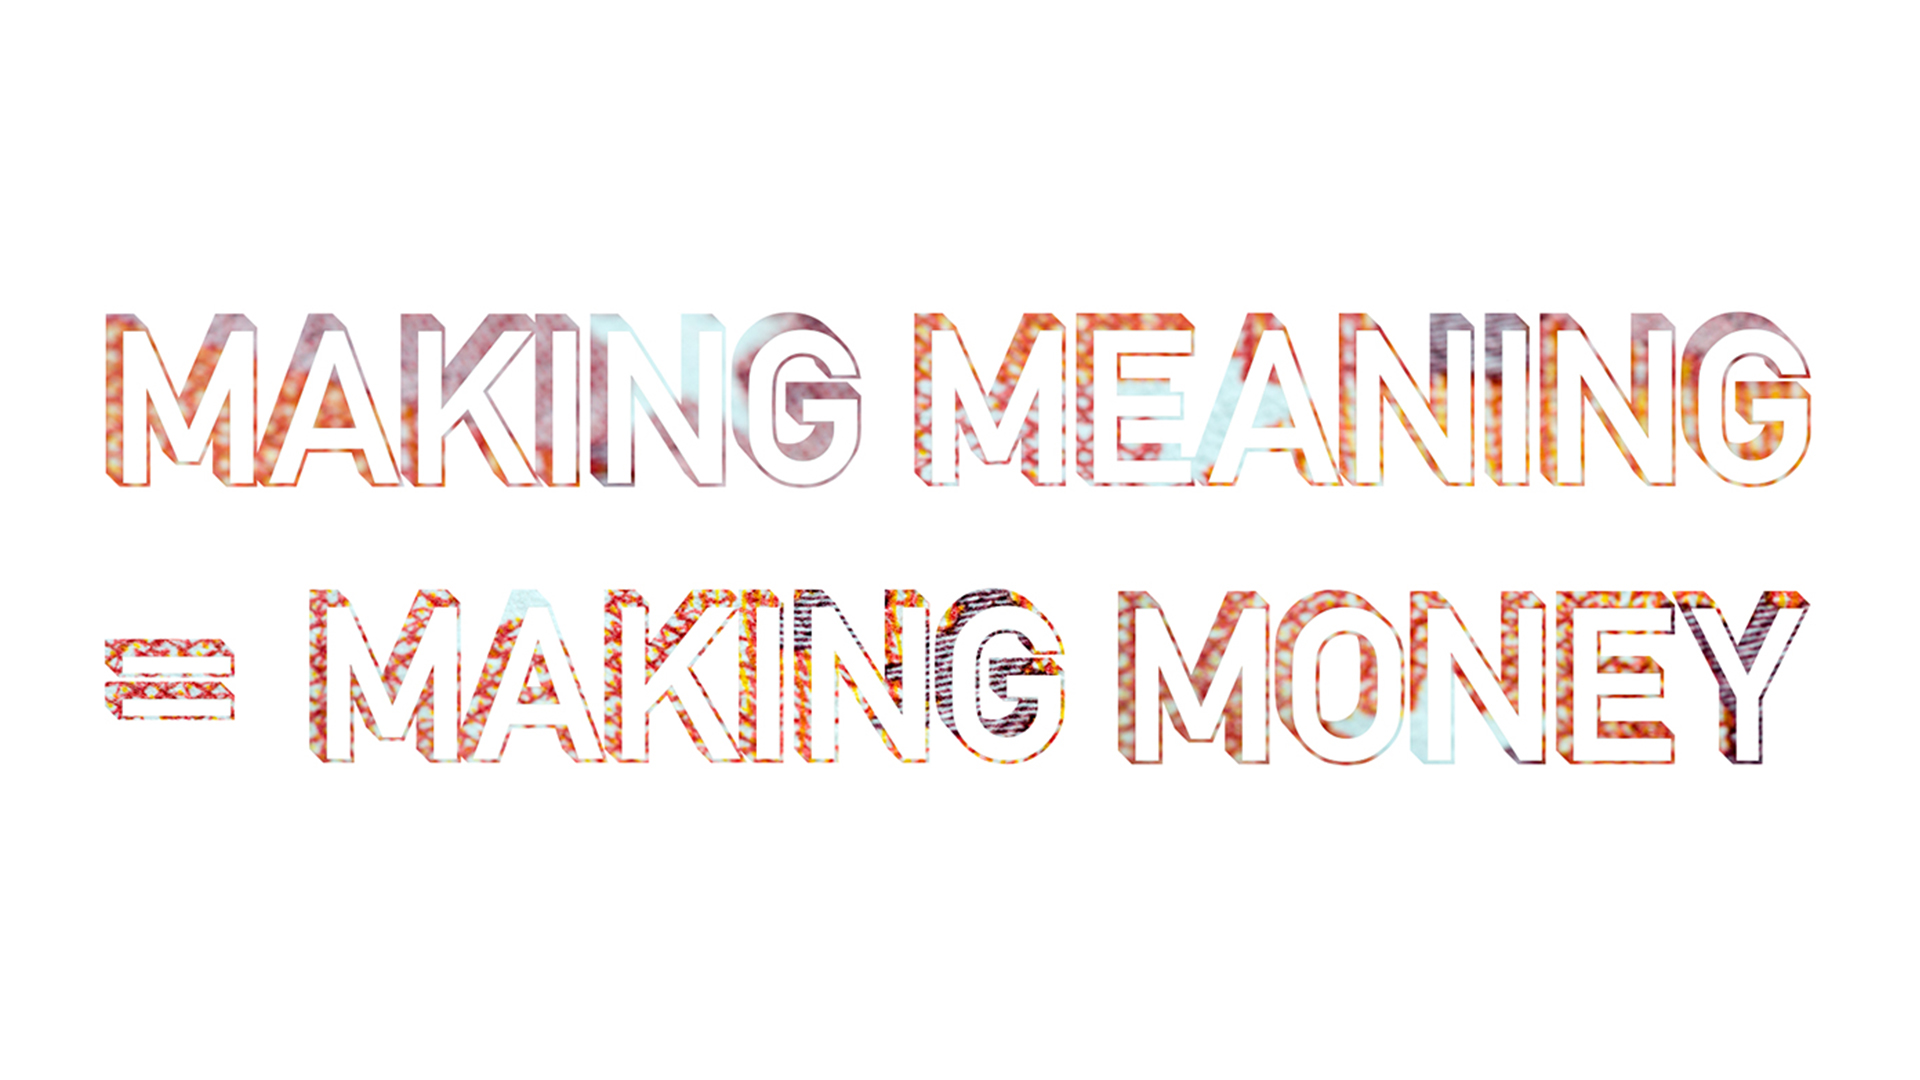 makingmeaning=makingmoney